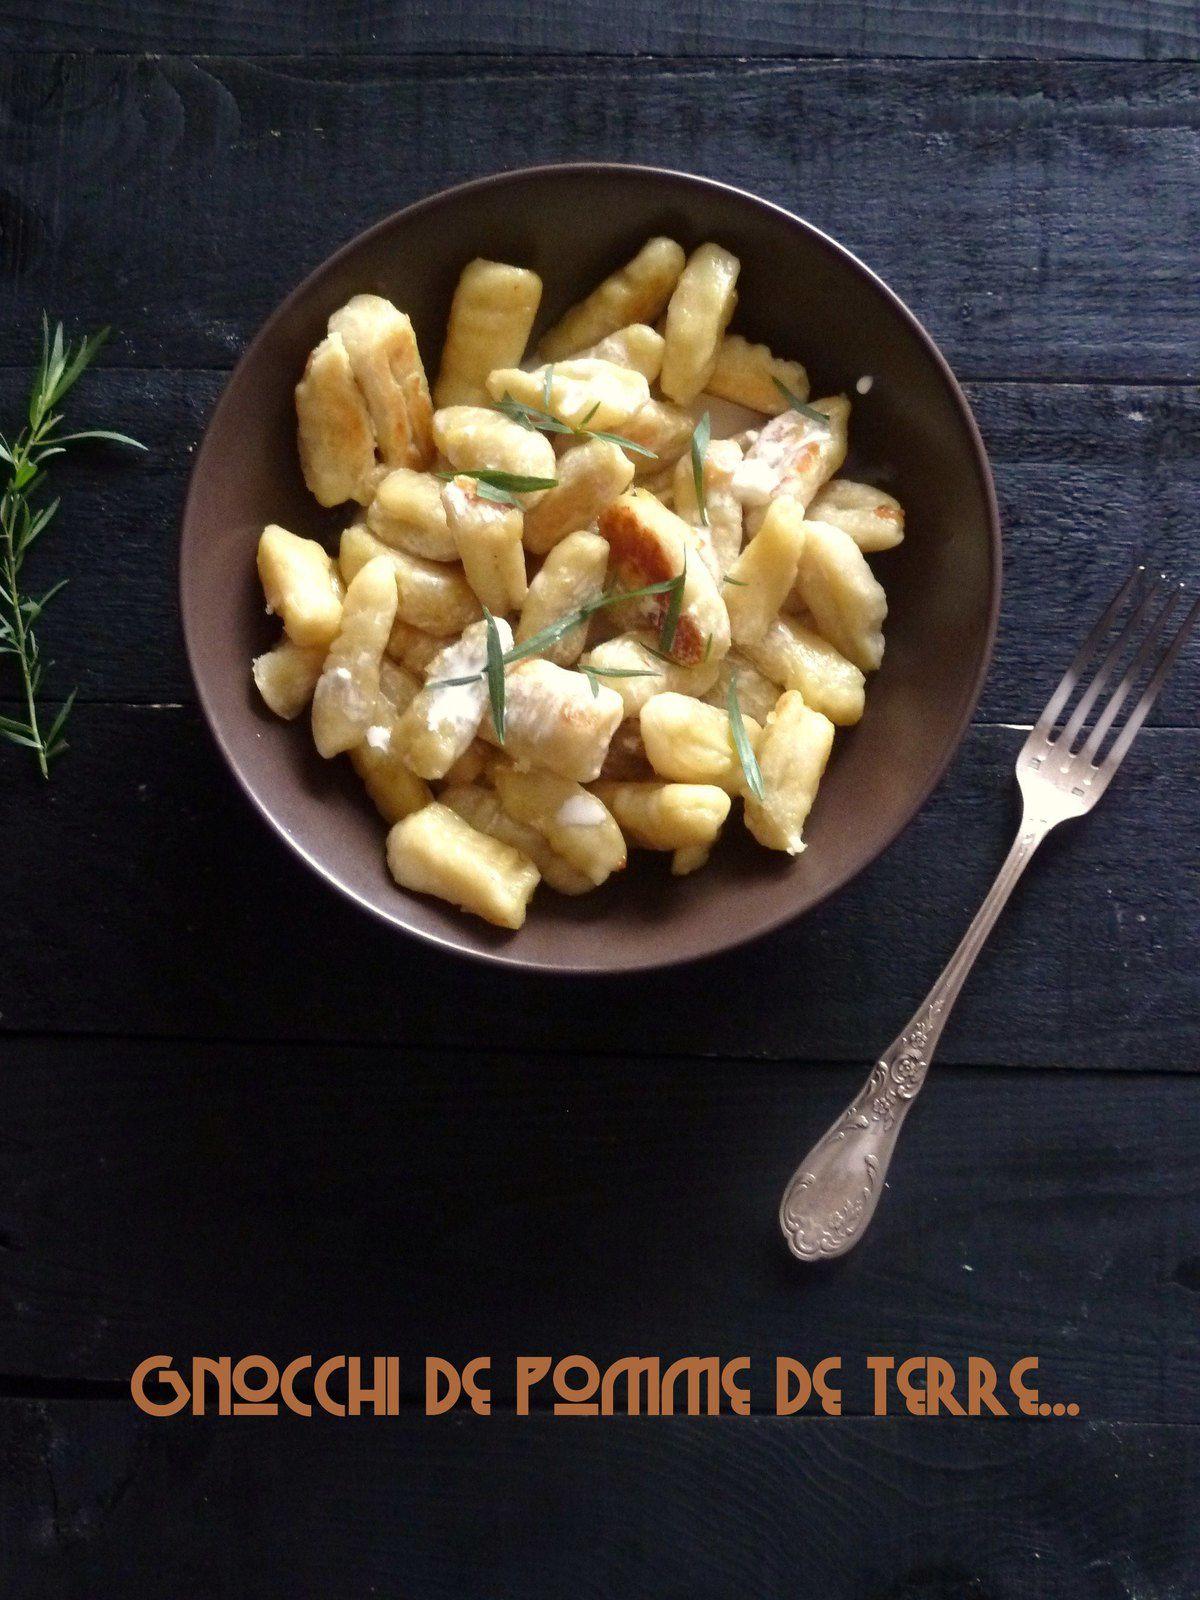 Les gnocchi de pomme de terre